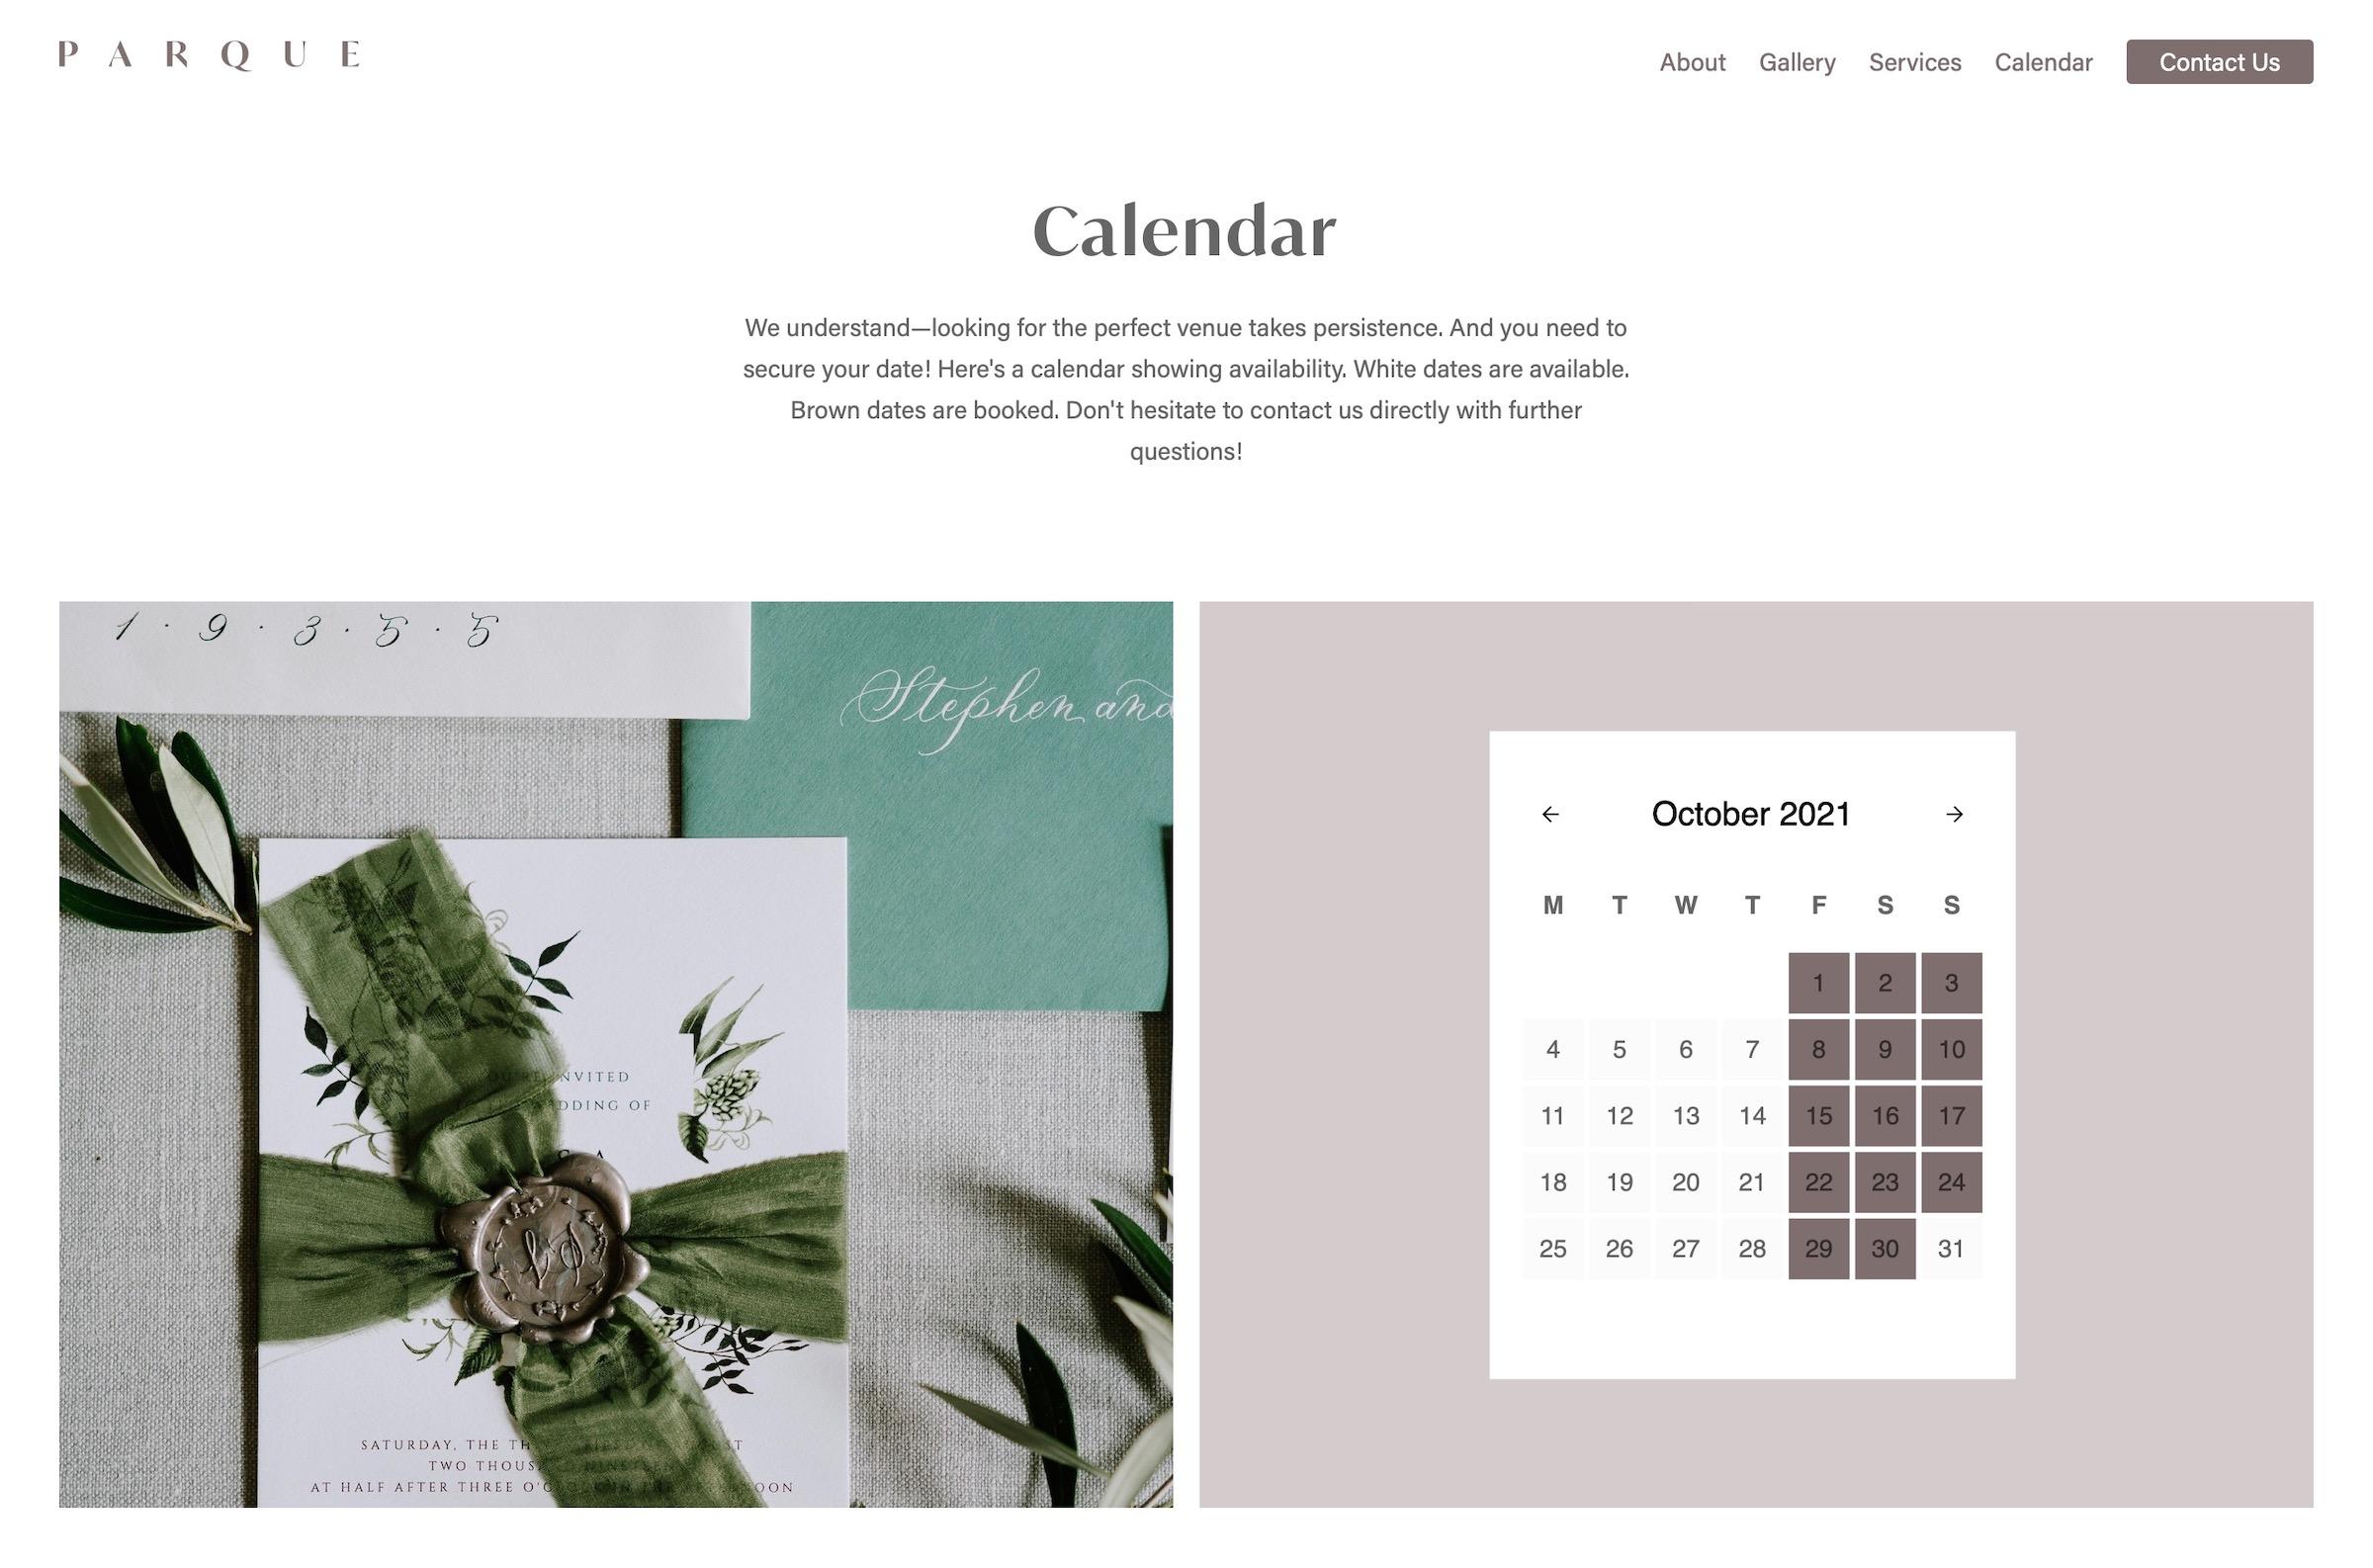 A screenshot of the Parque website Calendar page.